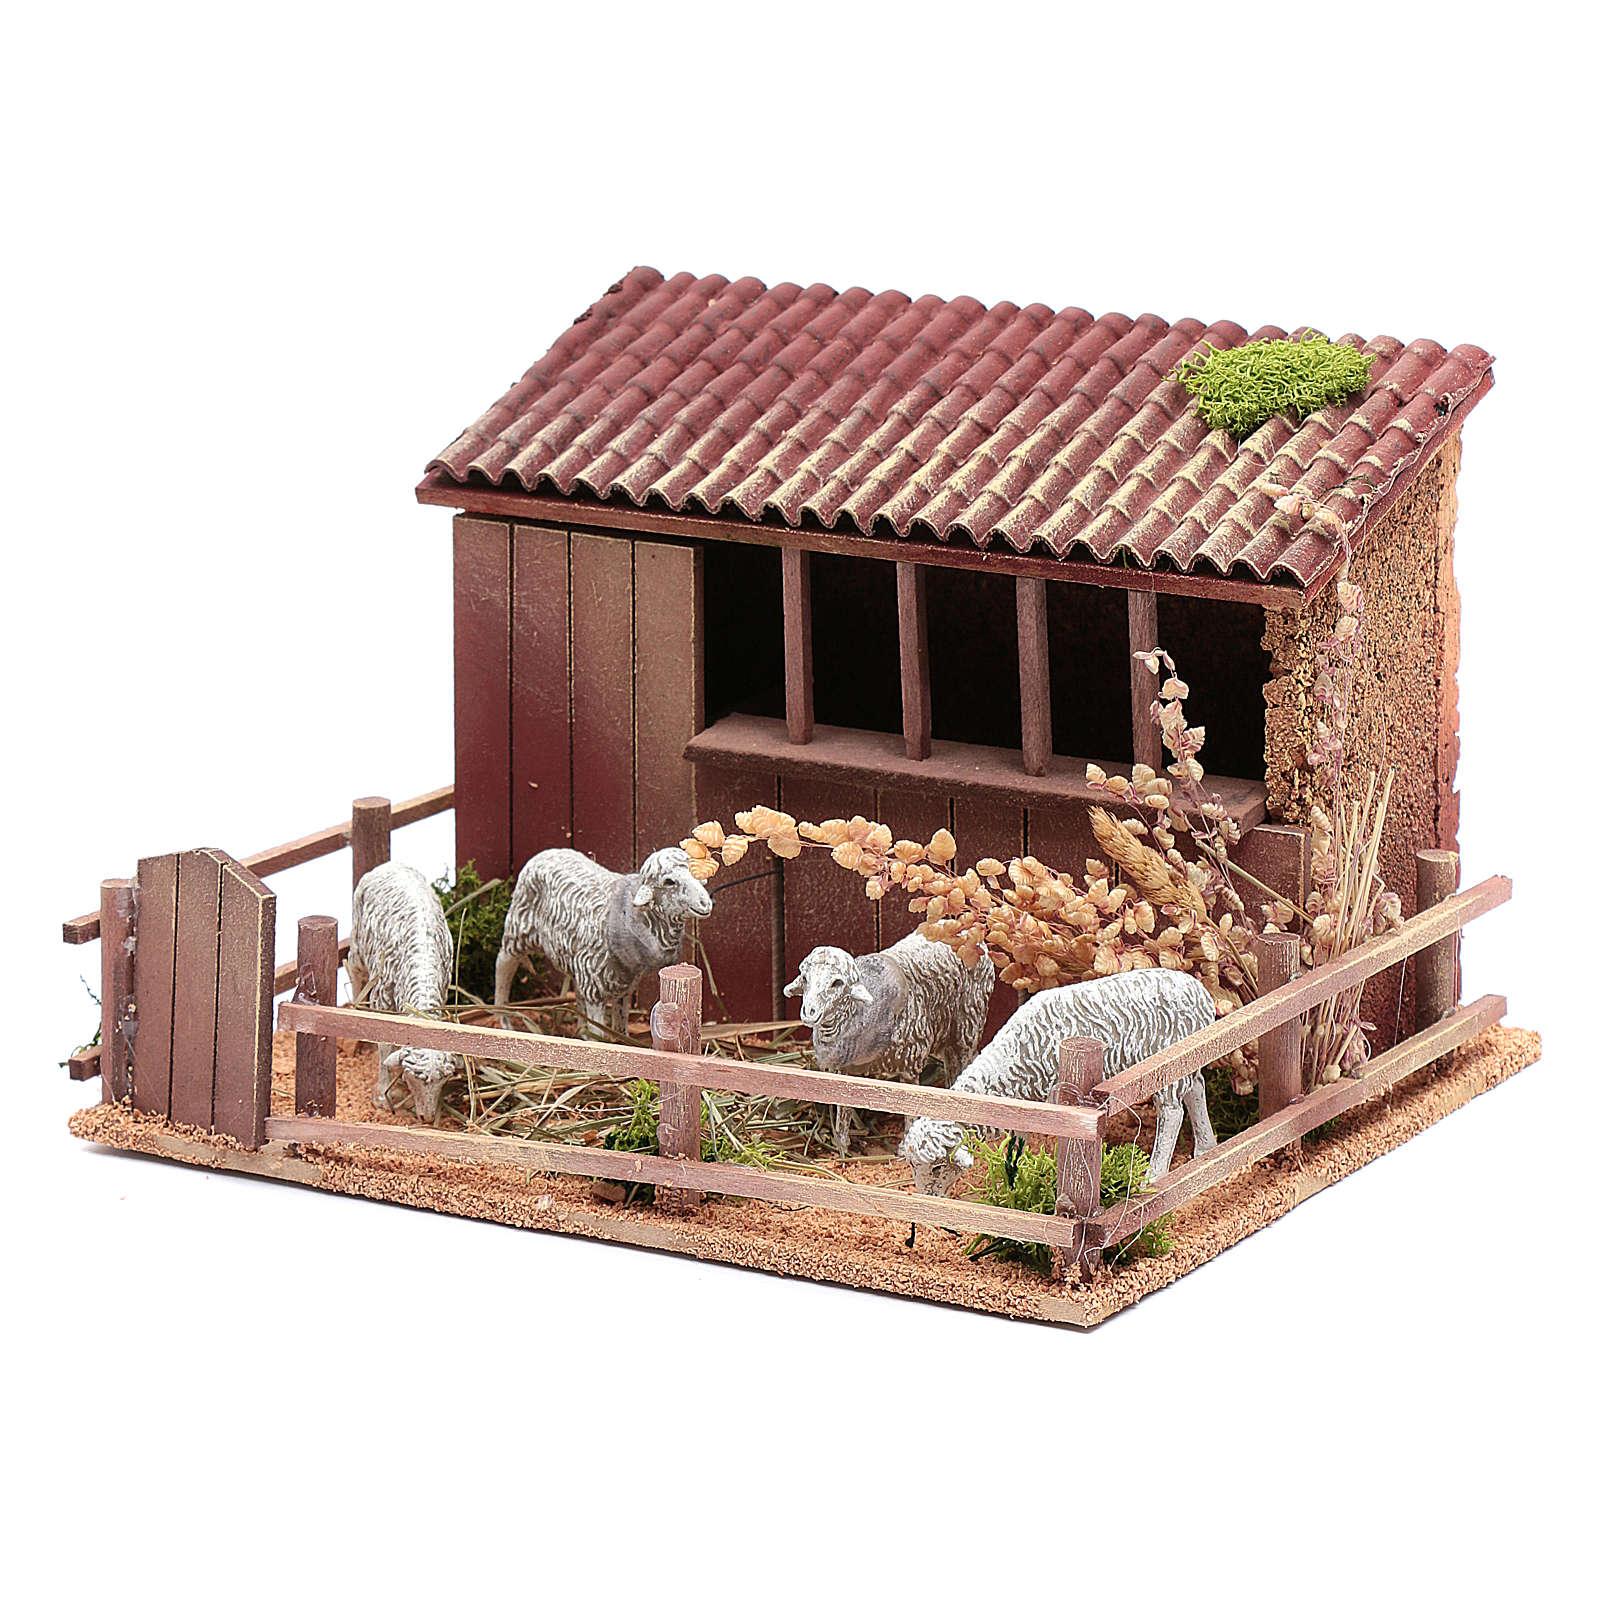 Stajnia z owcami w ruchu 14.5x23x20 cm 3